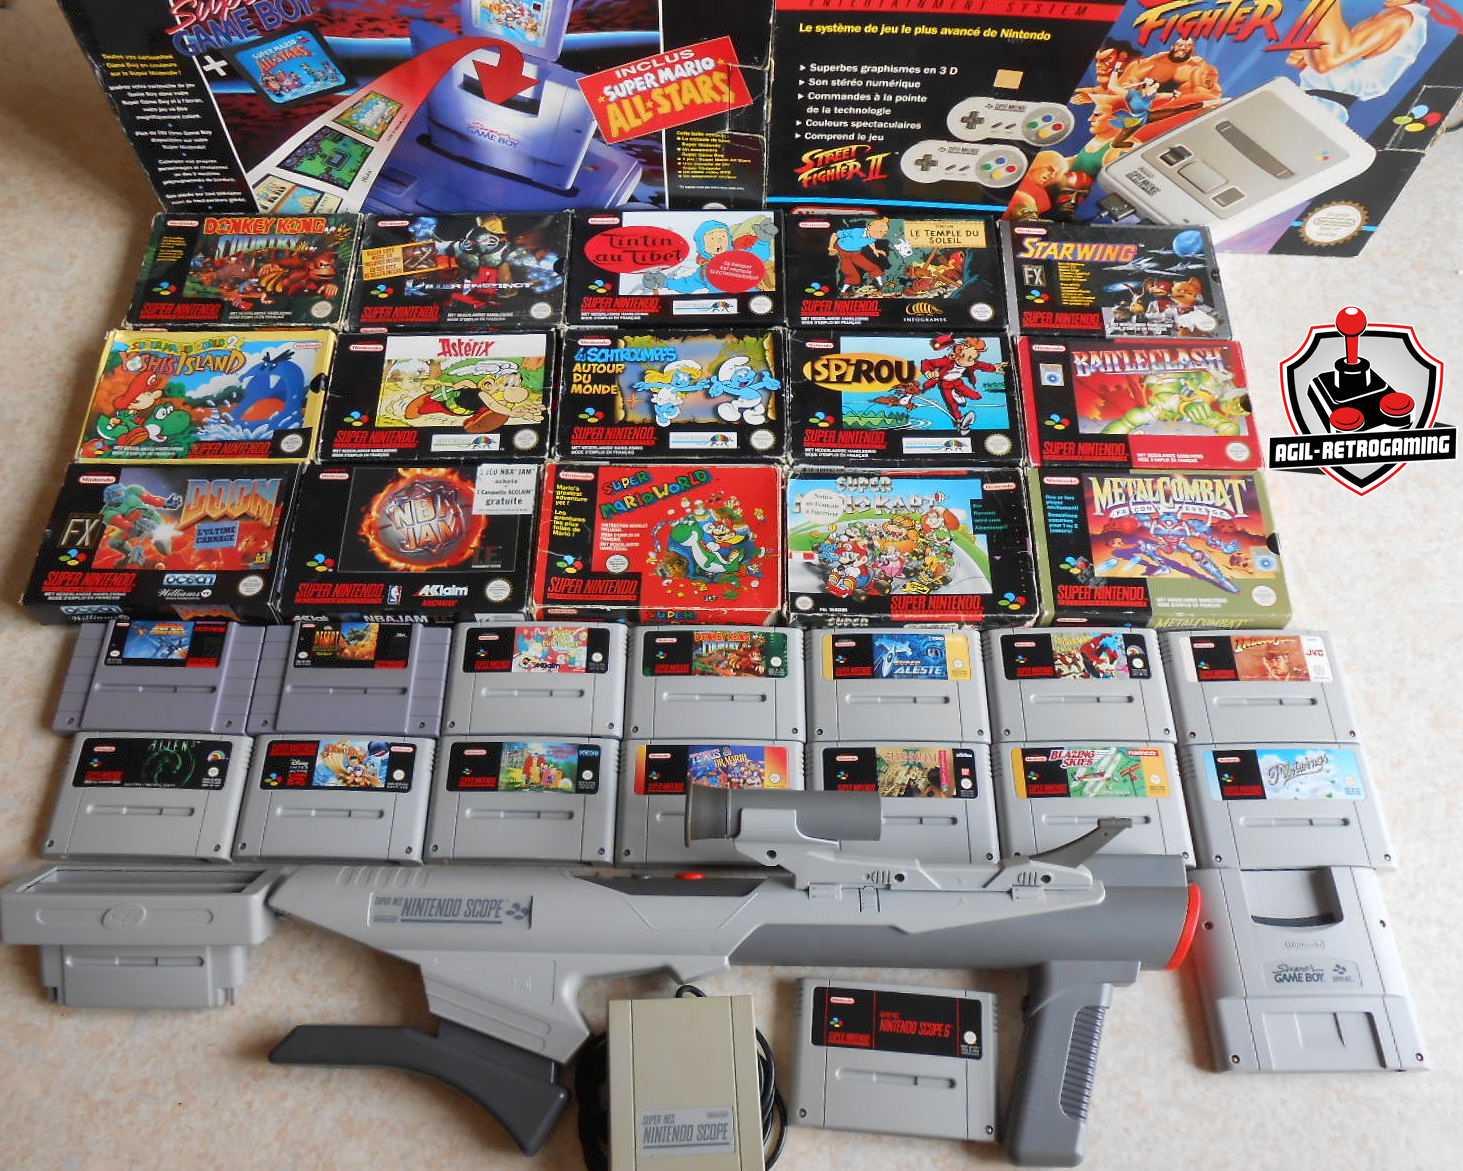 Arrivage de jeux et consoles super nintendo en boite blog agil retrogaming - Ancienne console de jeux ...